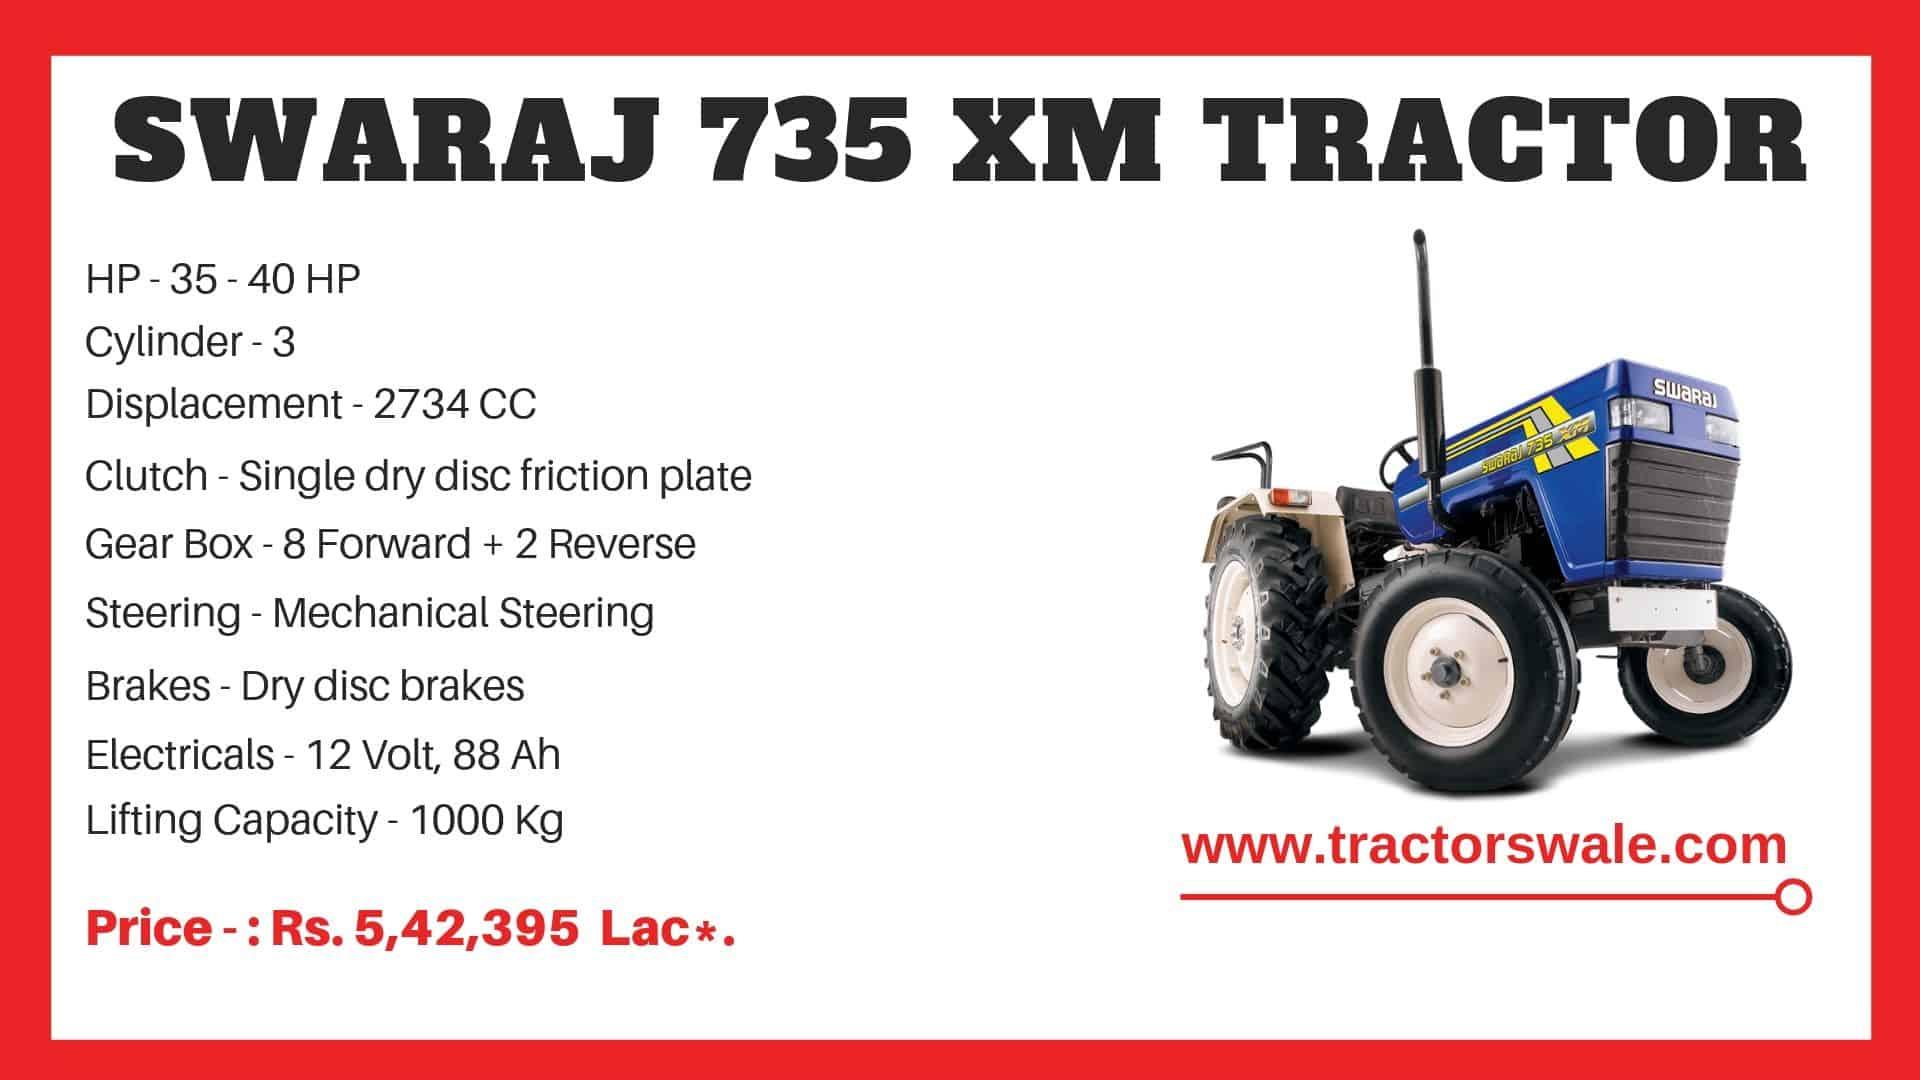 Specification of Swaraj 735 XM Tractor